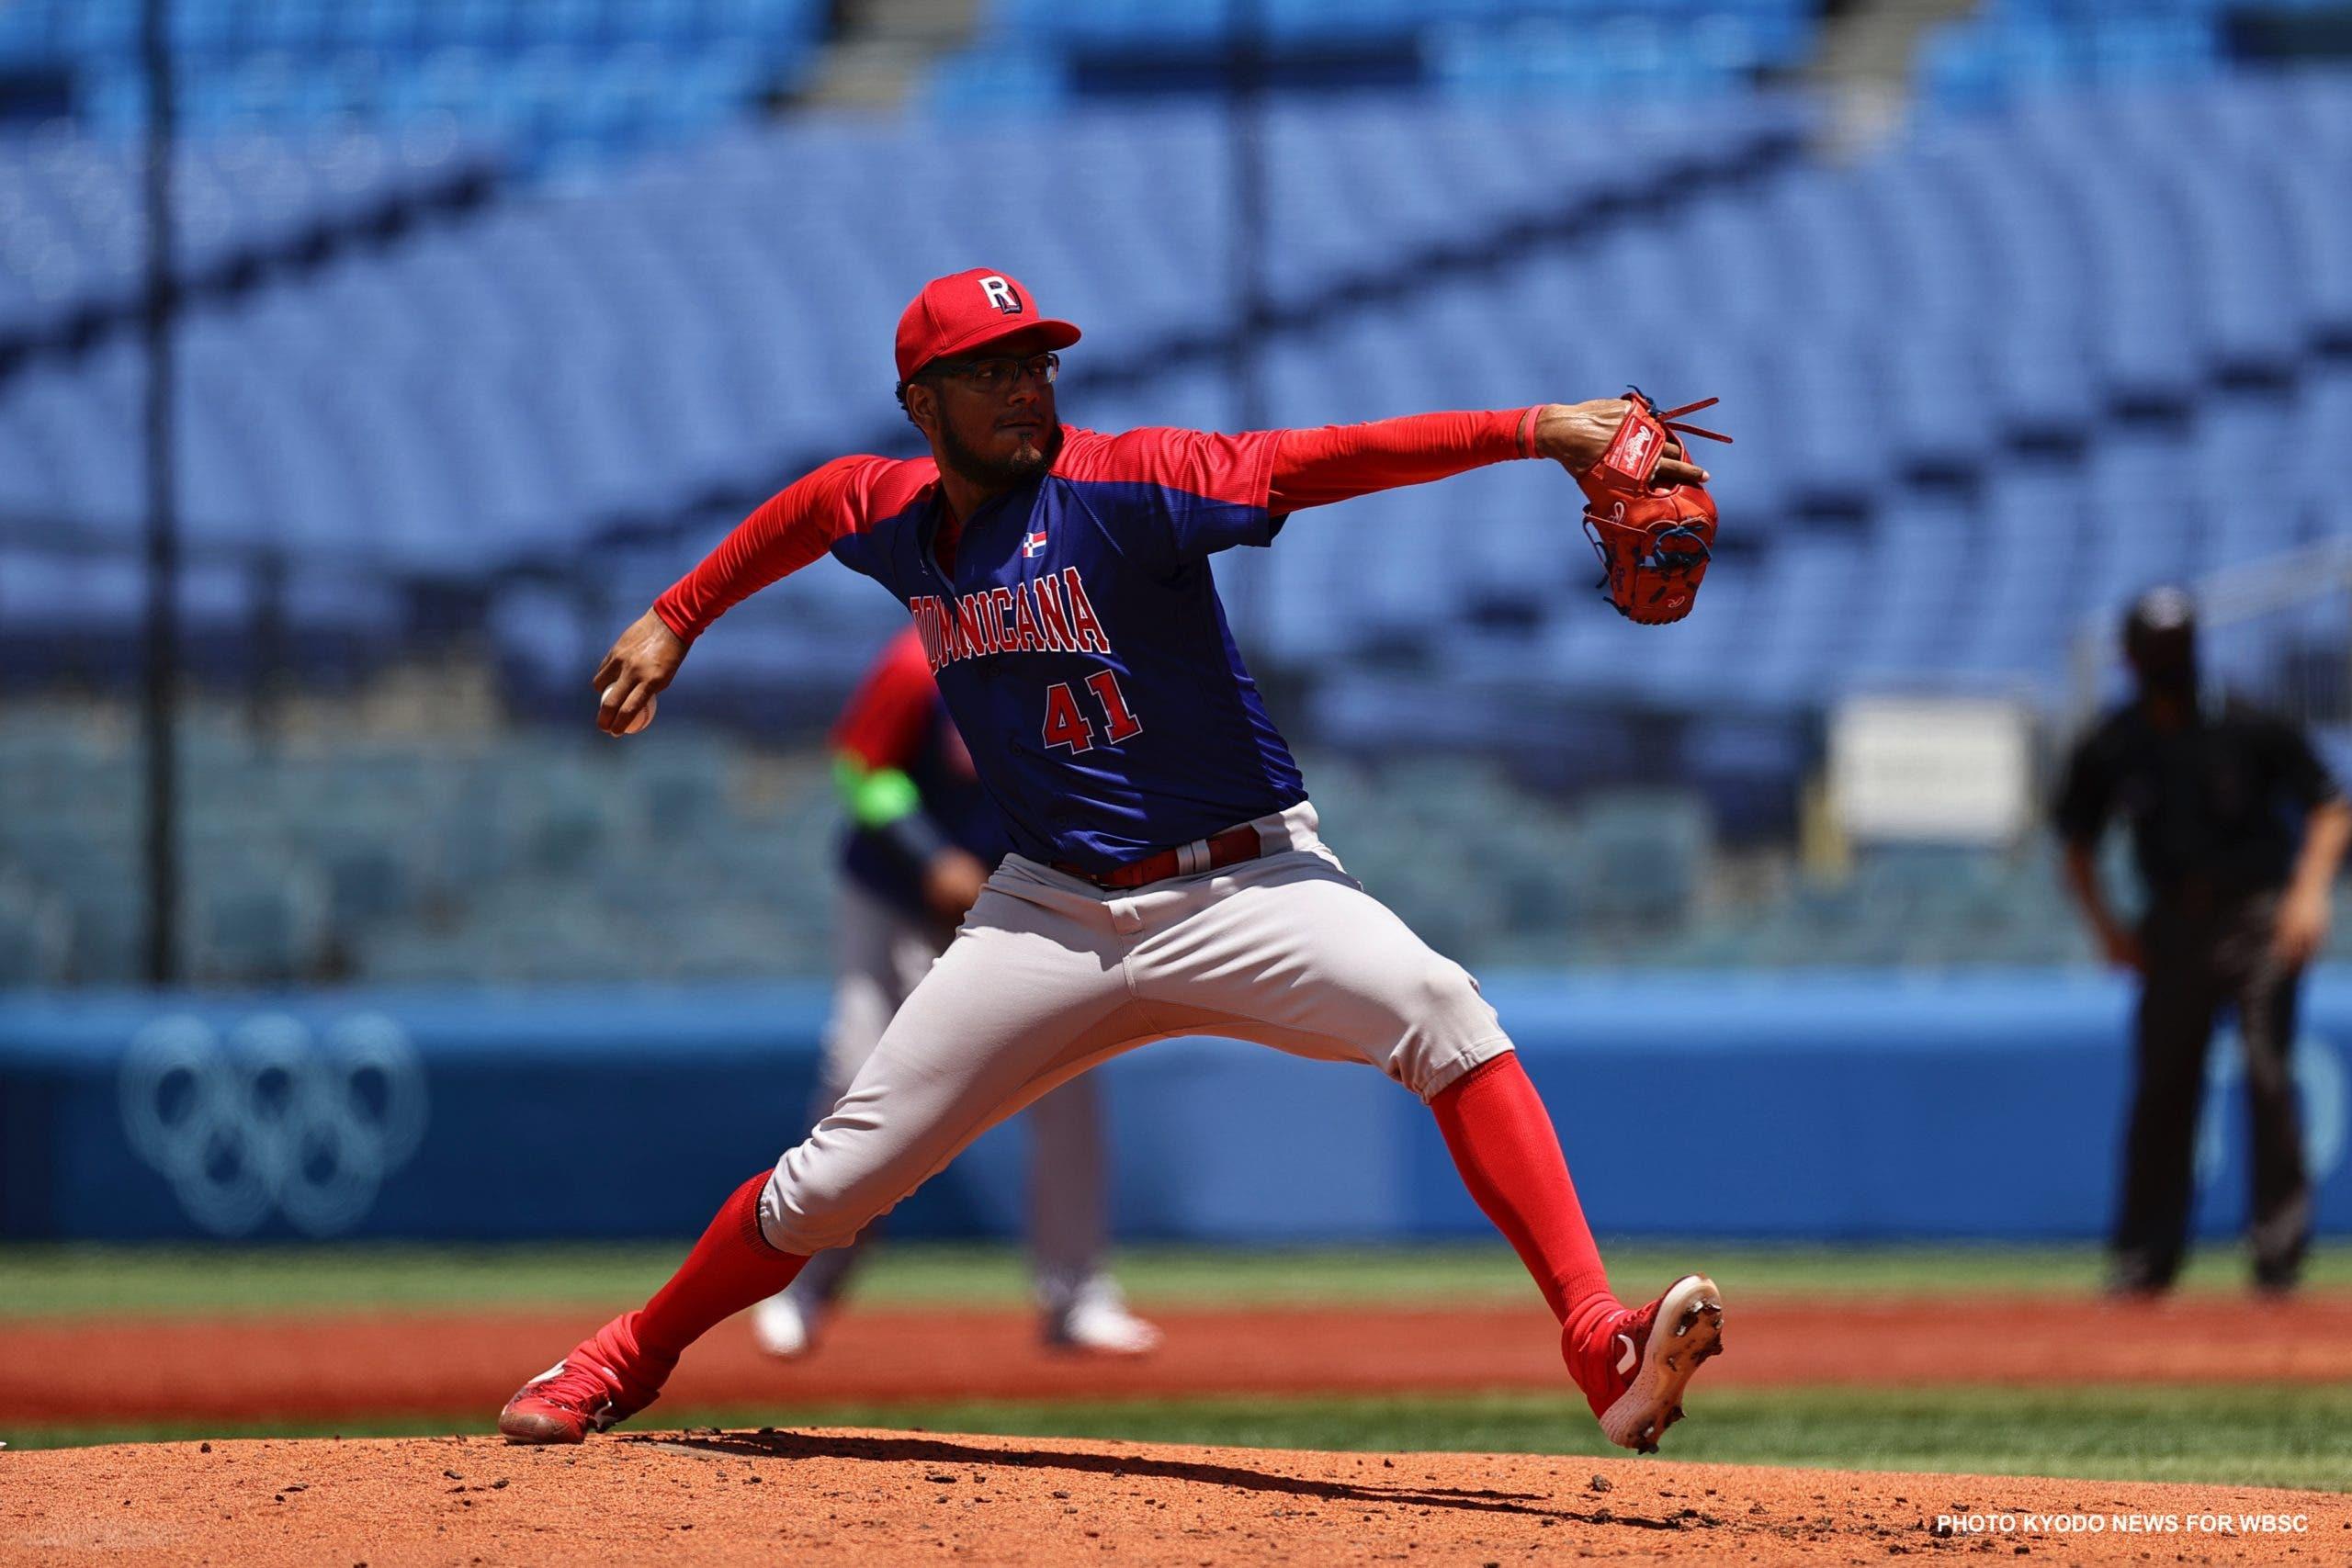 República Dominicana luchará por bronce en béisbol al ser derrotada por EE.UU.